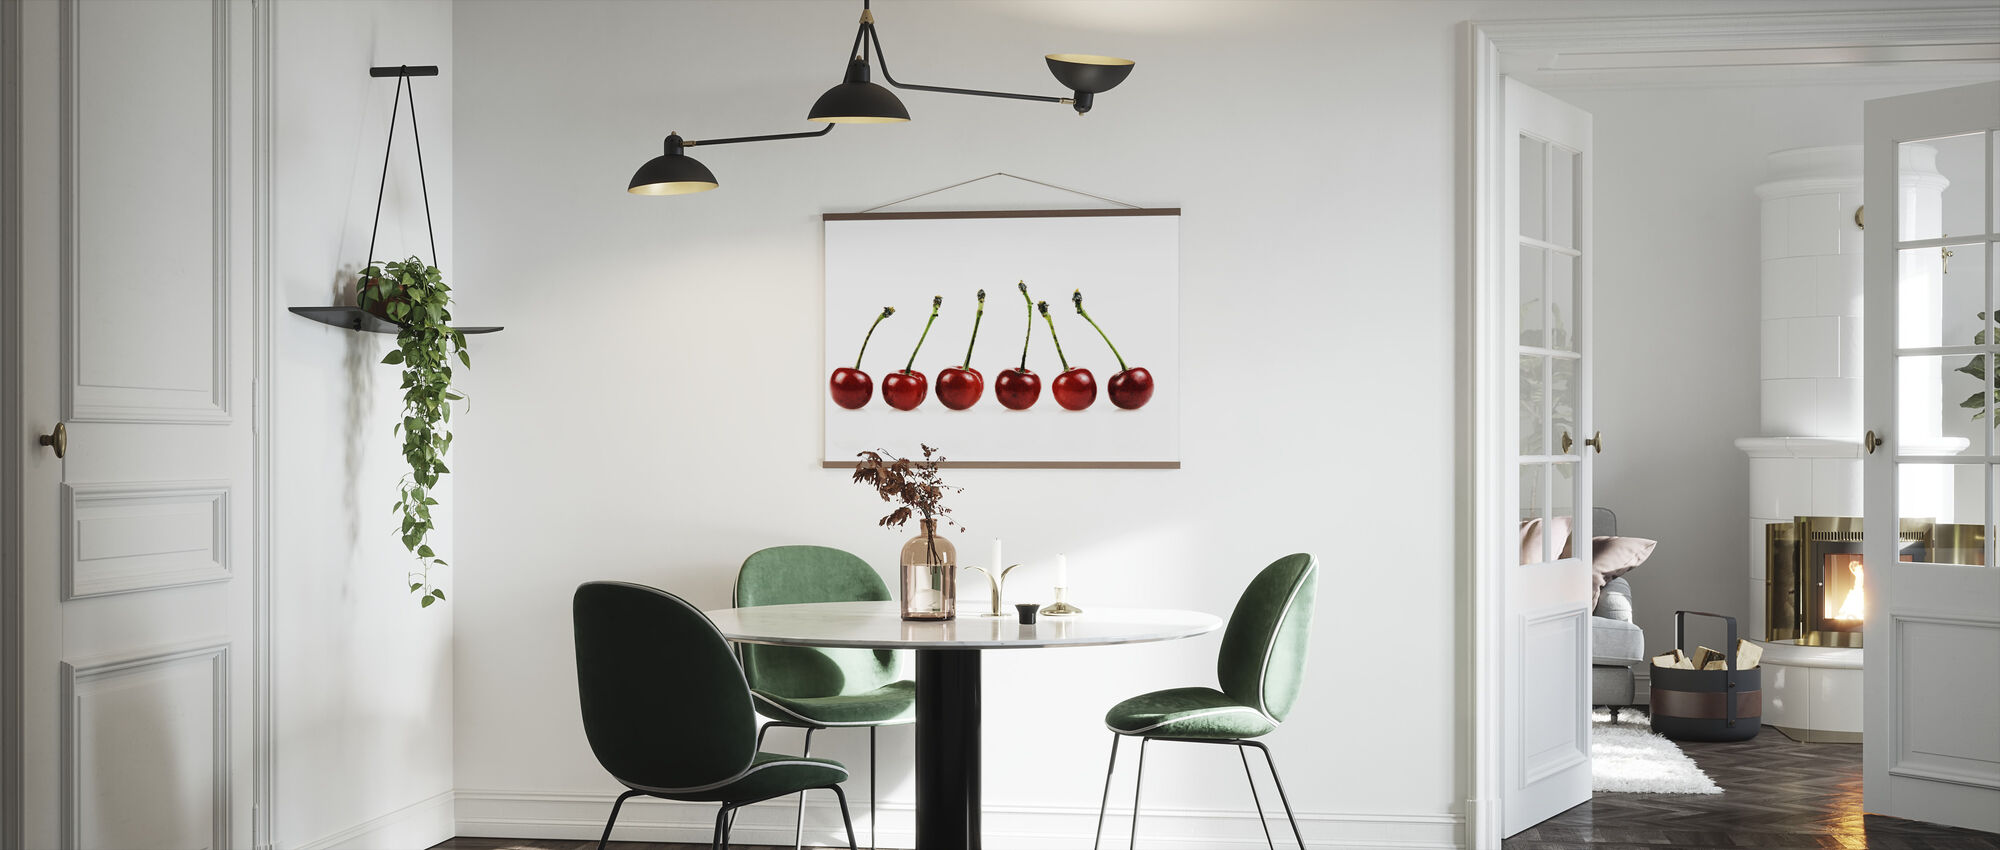 Frische Kirschen - Poster - Küchen